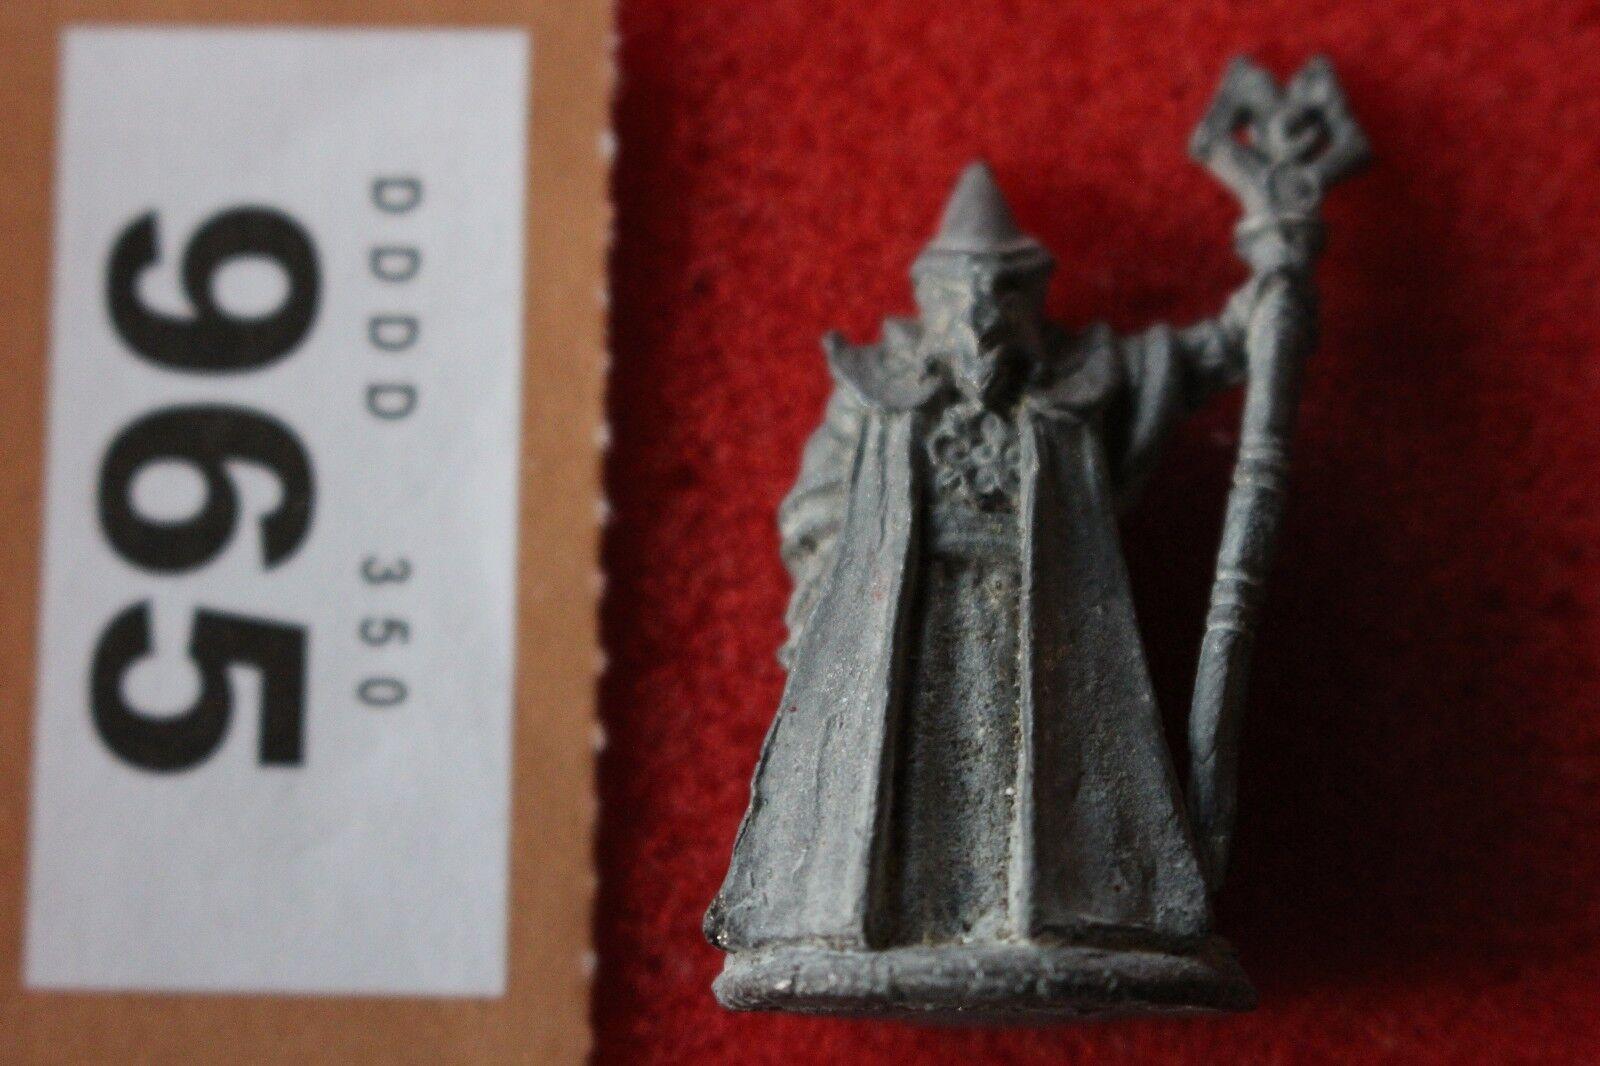 Games Workshop Citadel C02 Wizards Sorcerer of Chaos Amron Bringer of Hope GW